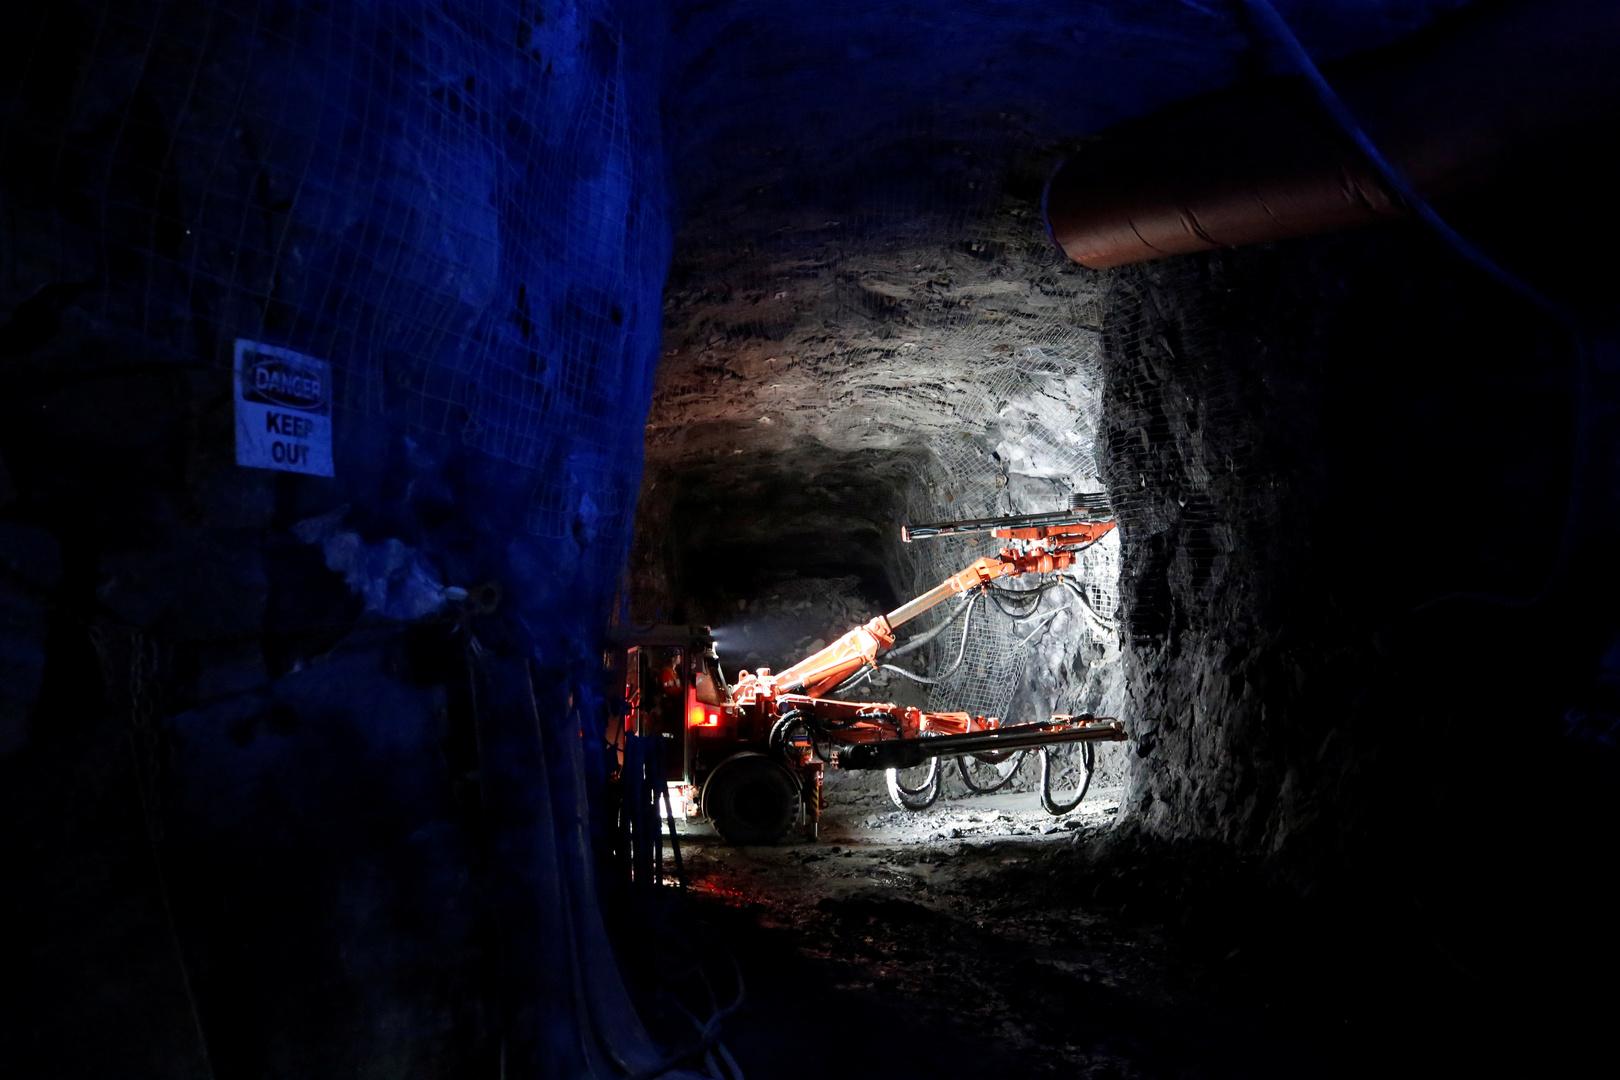 كندا.. إنقاذ 33 من أصل 39 عاملا حوصروا في منجم منذ الأحد الماضي